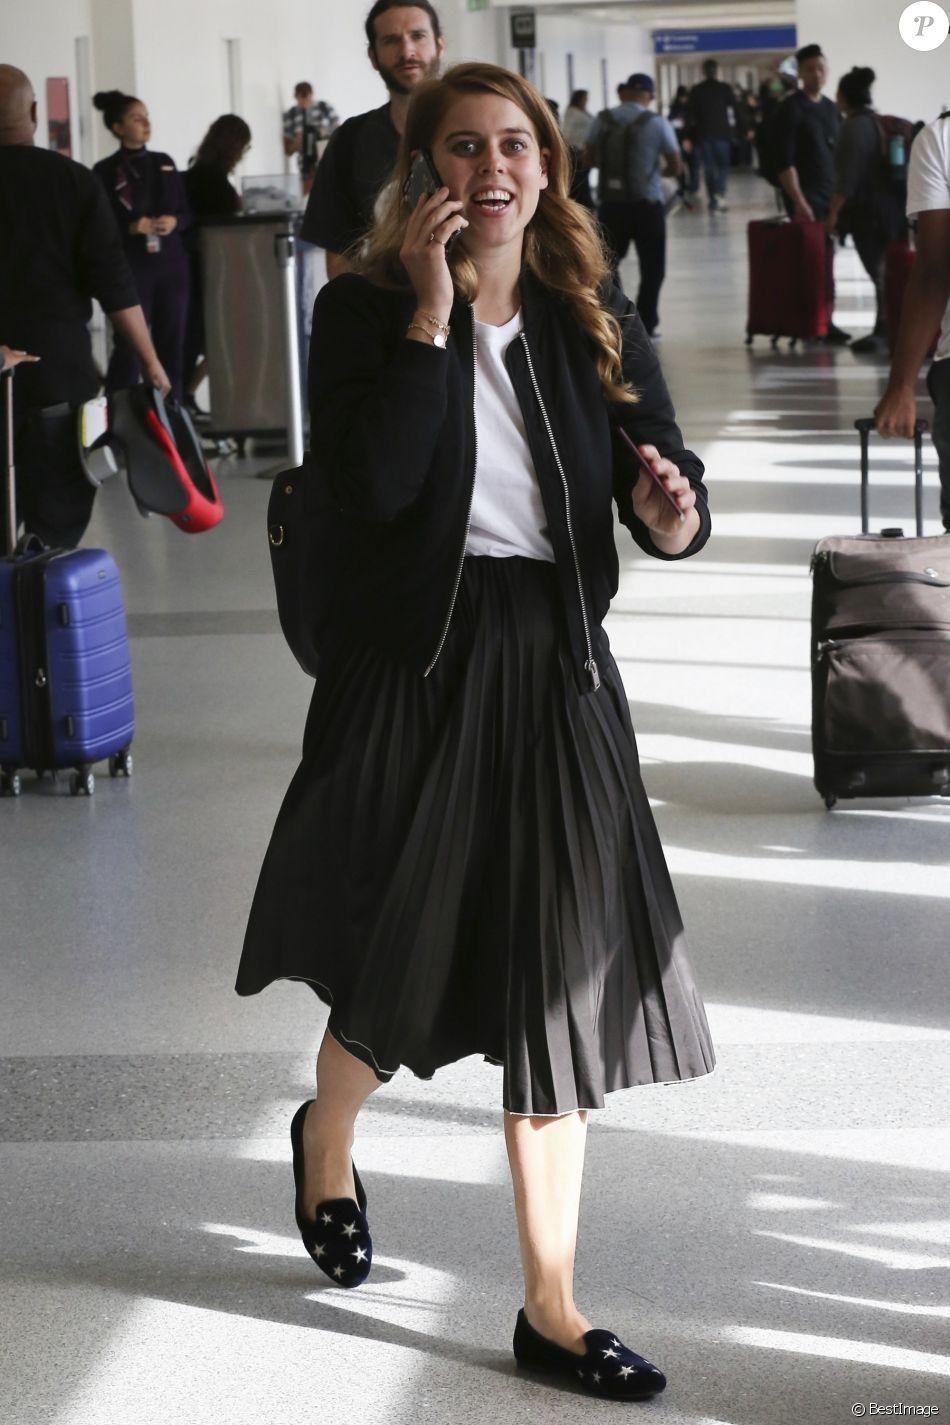 Exclusif - La princesse Beatrice d'York à l'aéroport LAX de Los Angeles le 18 novembre 2018, portant une jupe Misha Nonoo. Un modèle que Meghan Markle portait deux mois plus tôt.